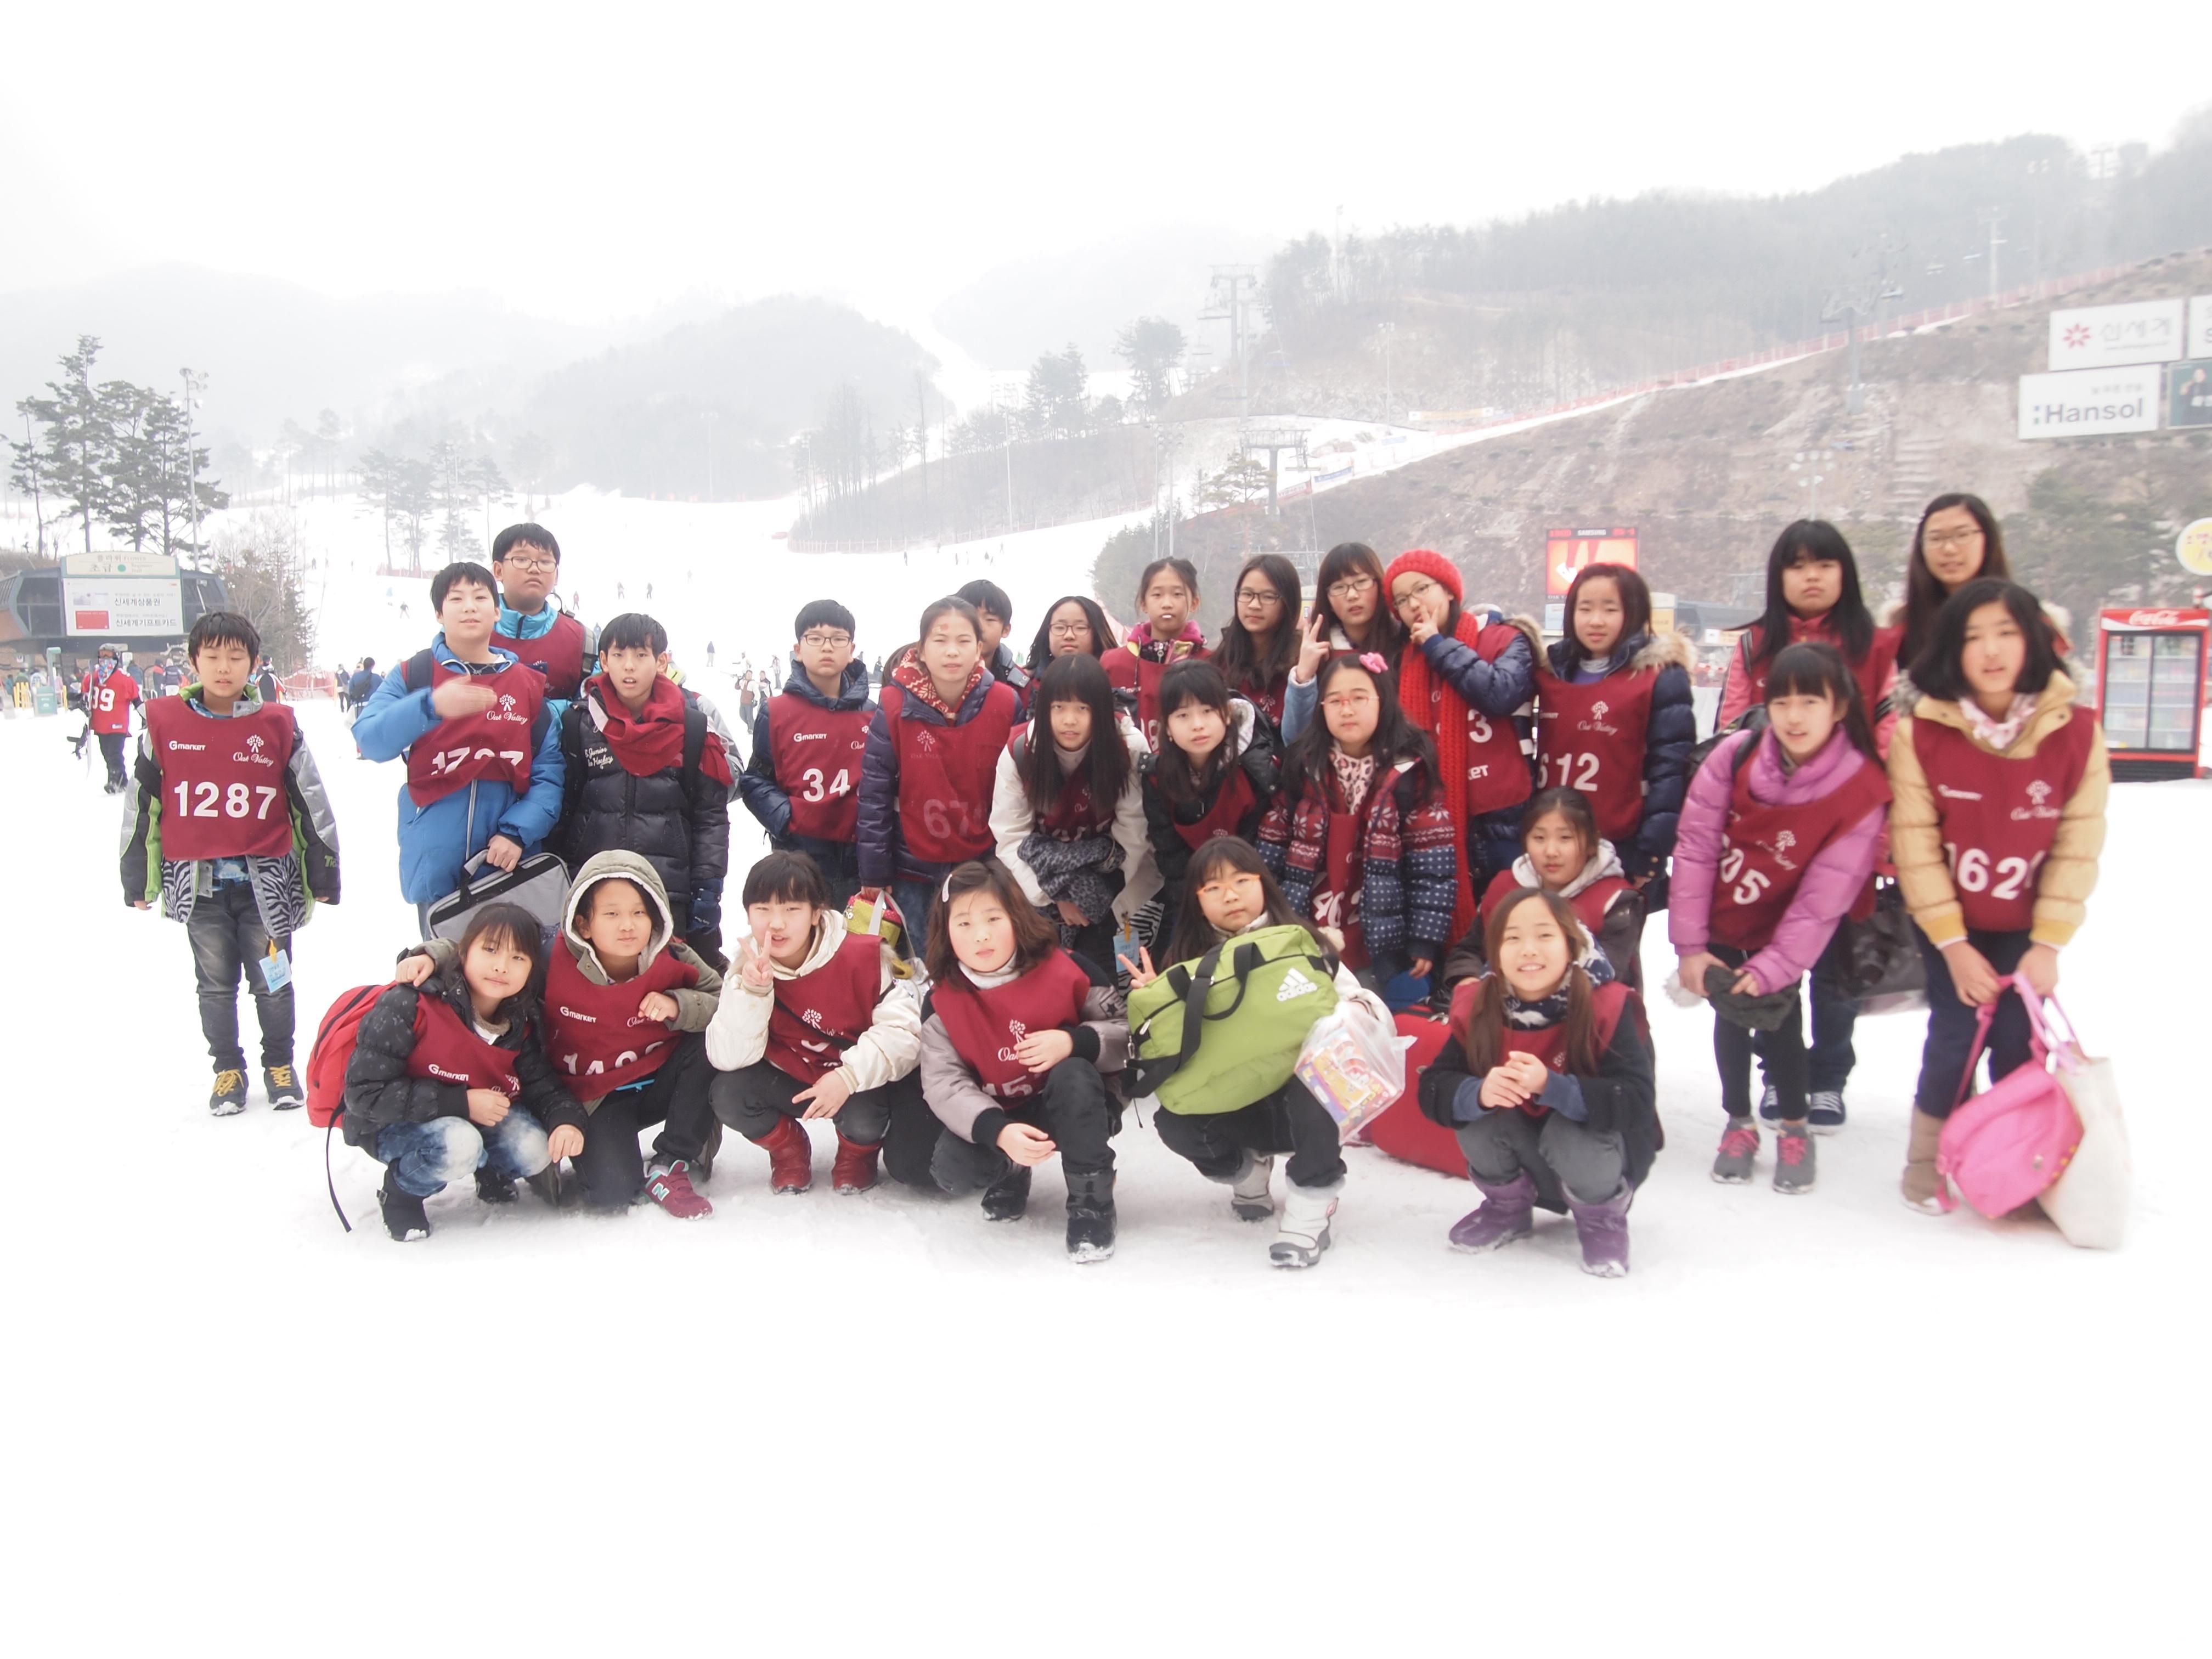 [일반] 스카우트 스키캠프의 첨부이미지 1